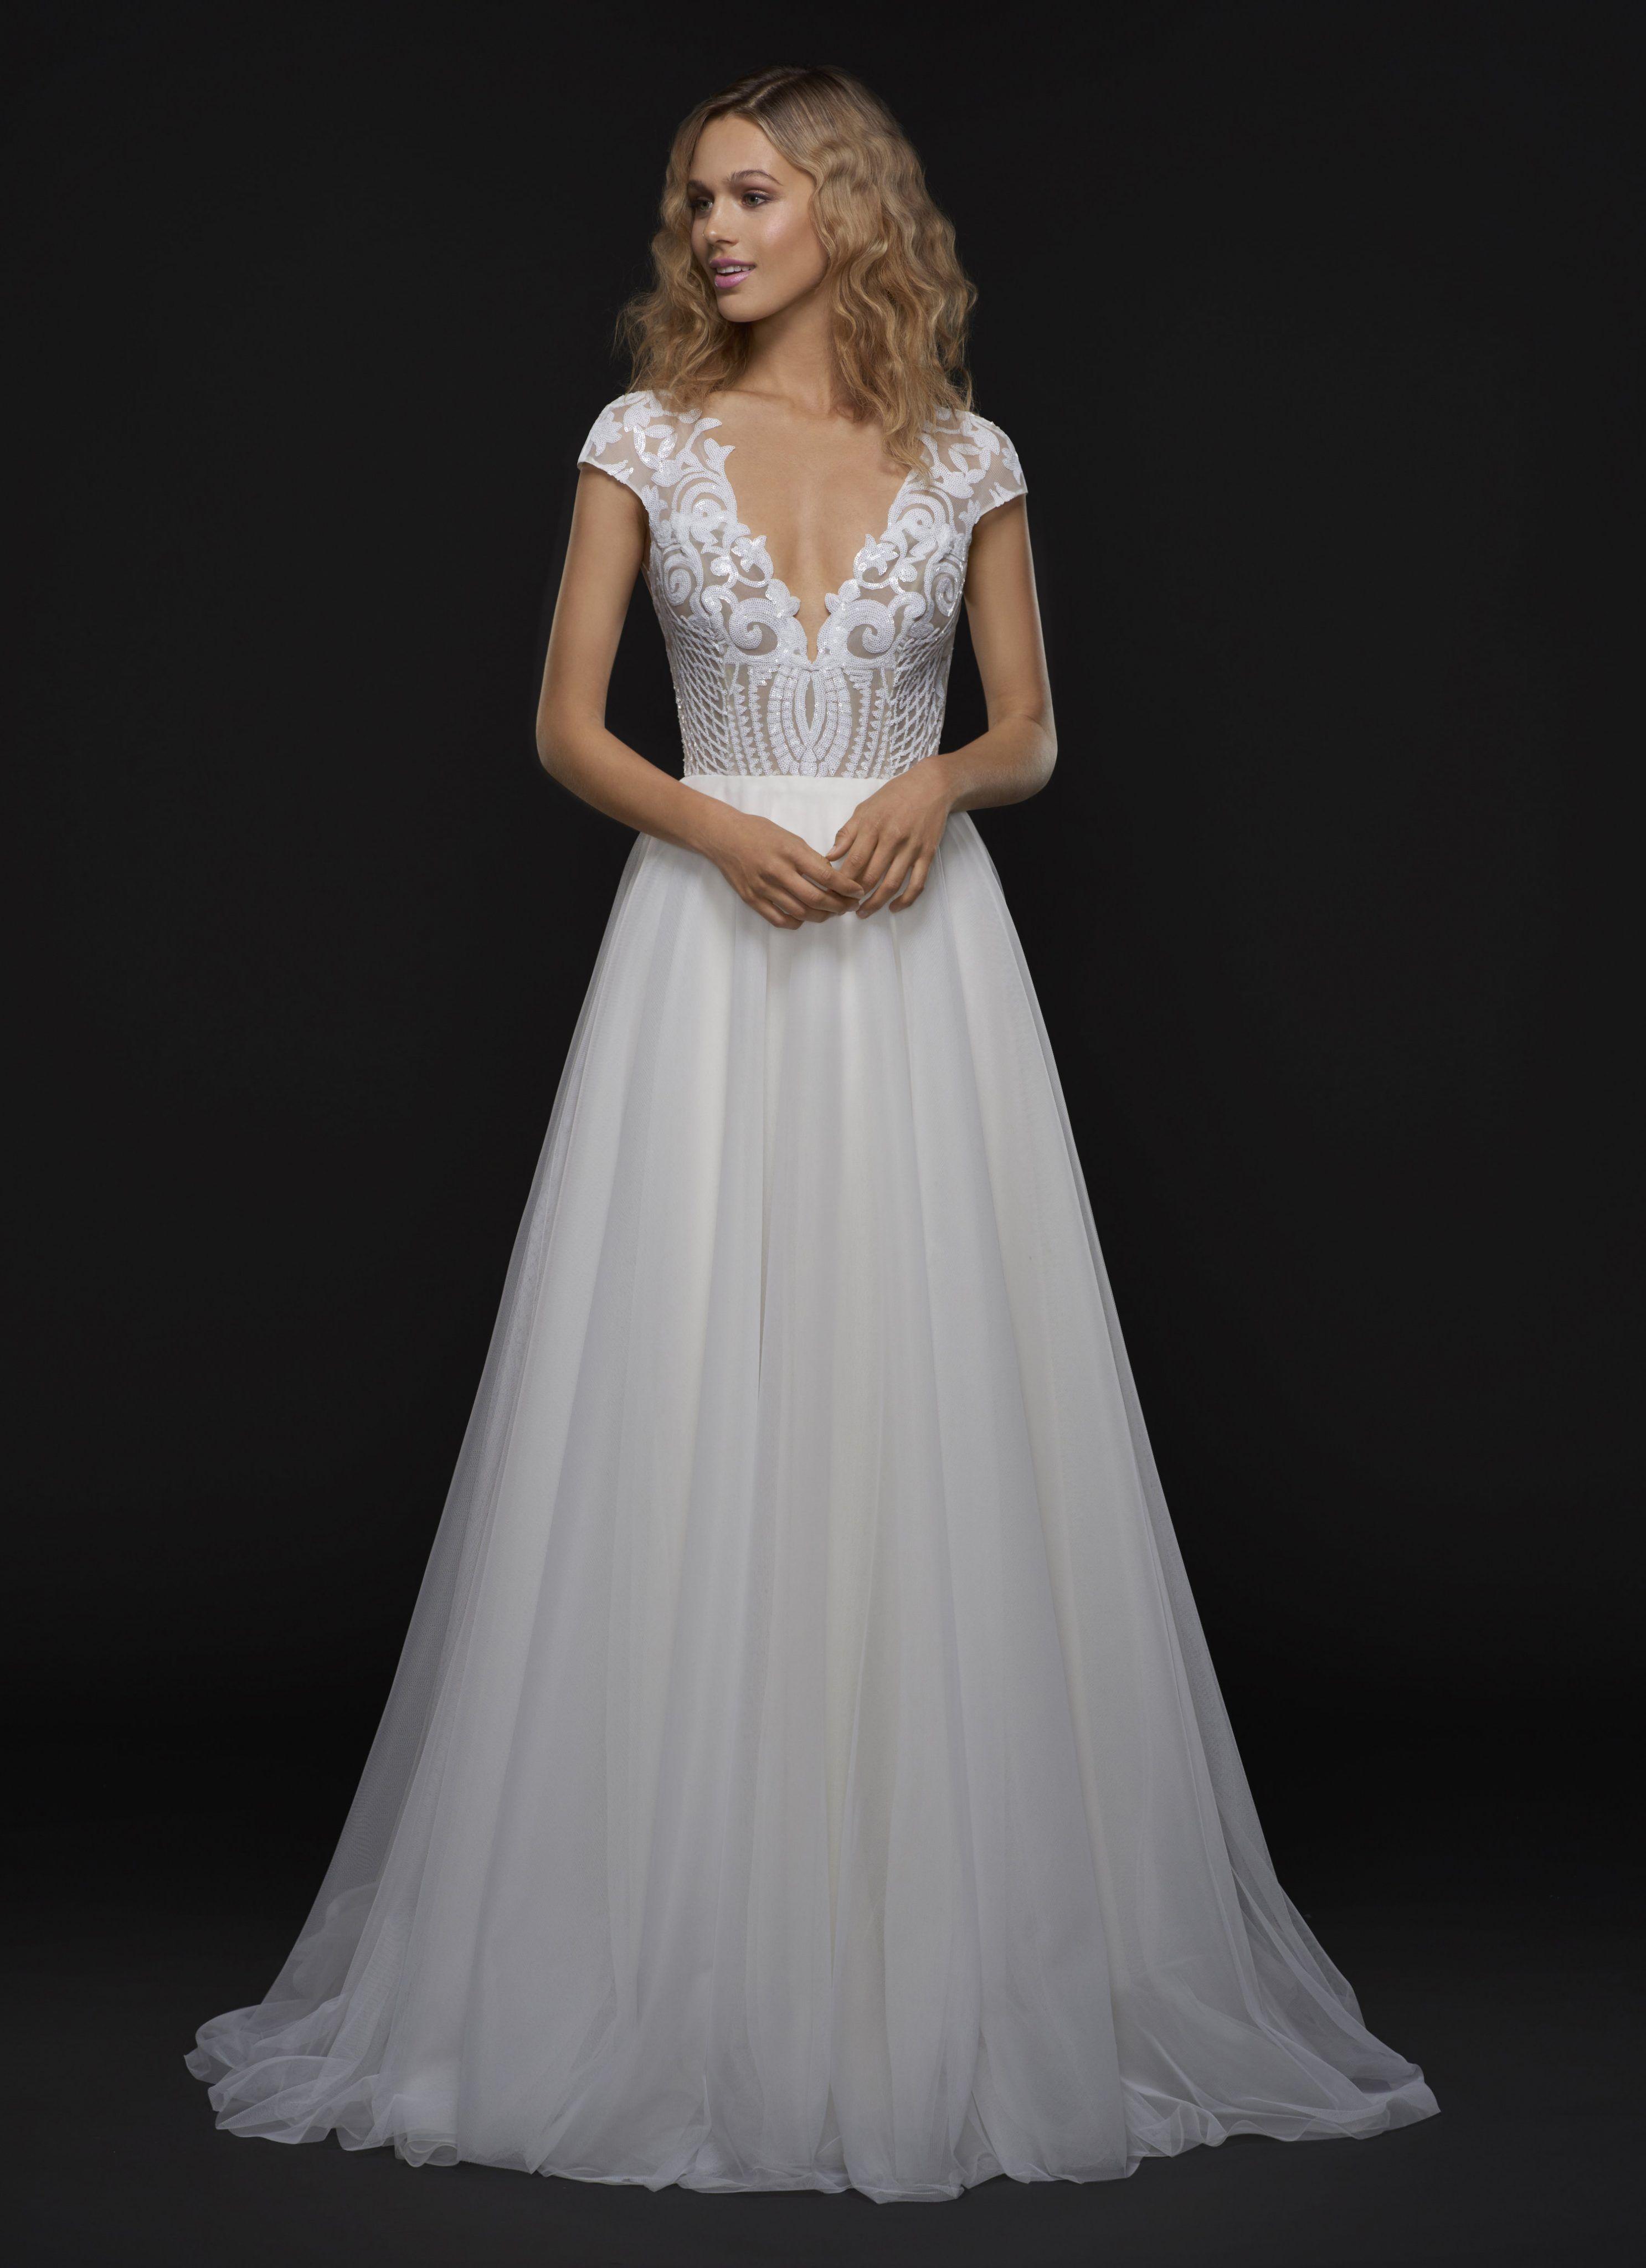 Modern A-line Wedding Dress Kleinfeld Bridal Hochzeitskleider